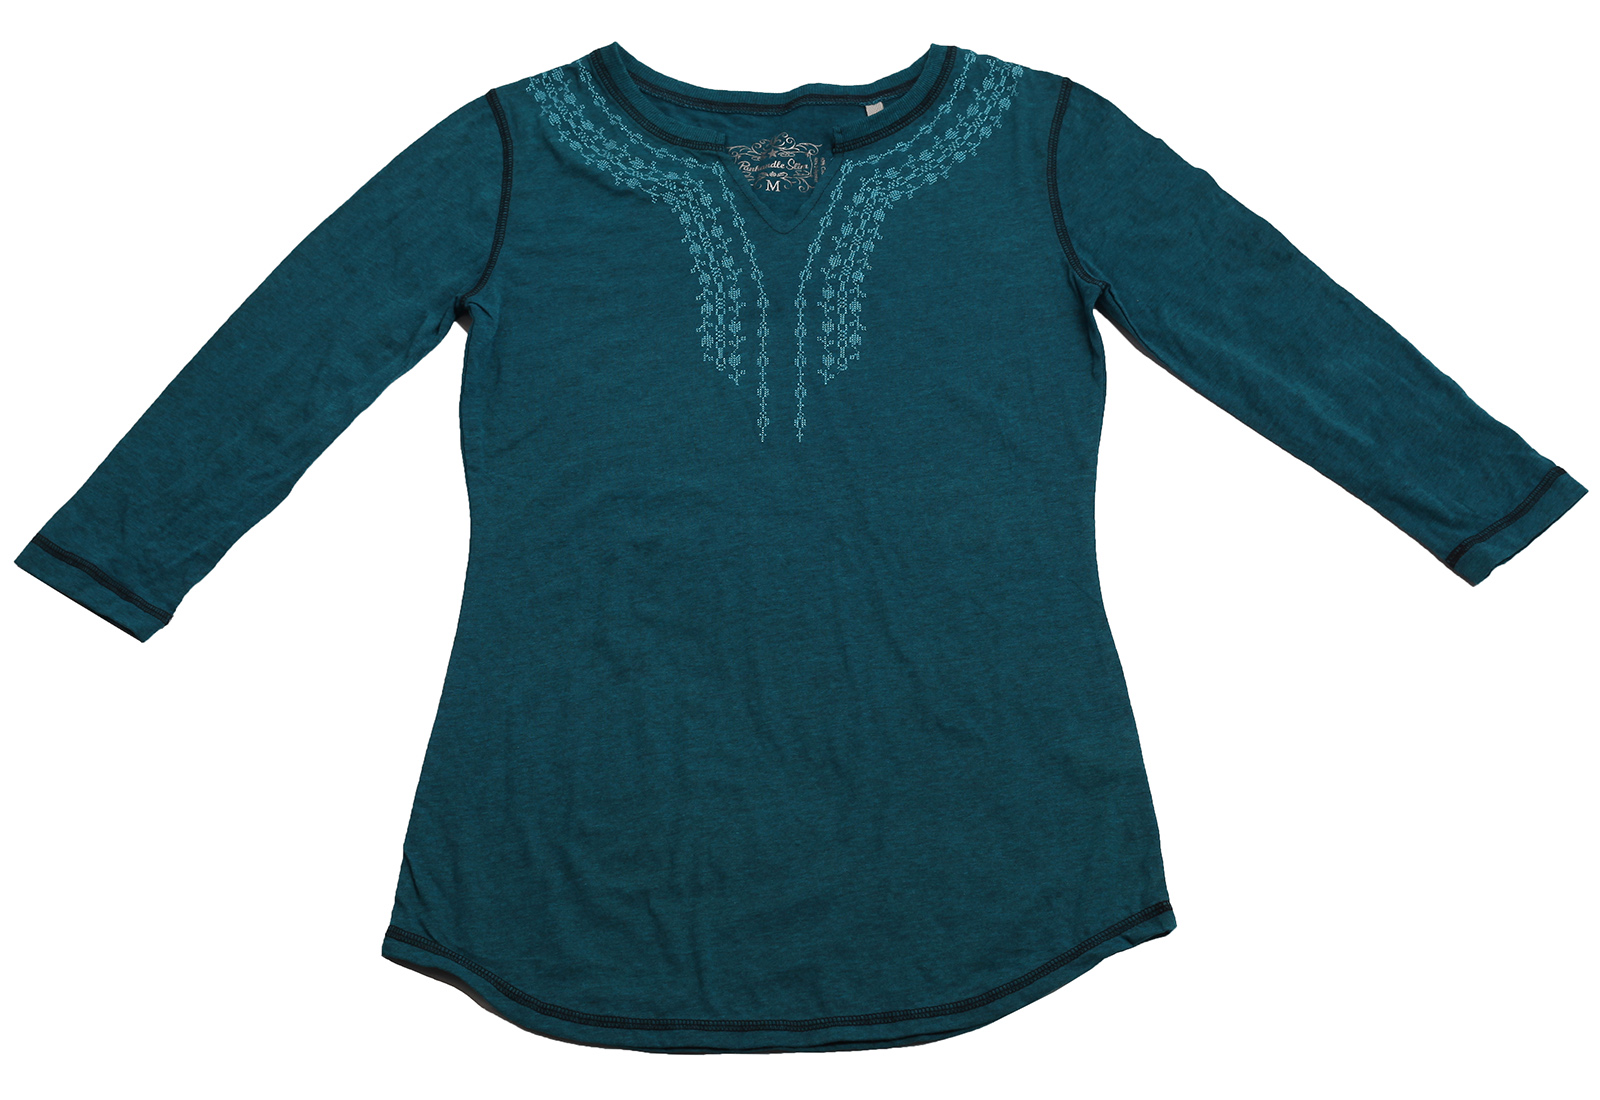 Зеленая кофточка Panhandle Slim - необычный дизайн, модная вышивка